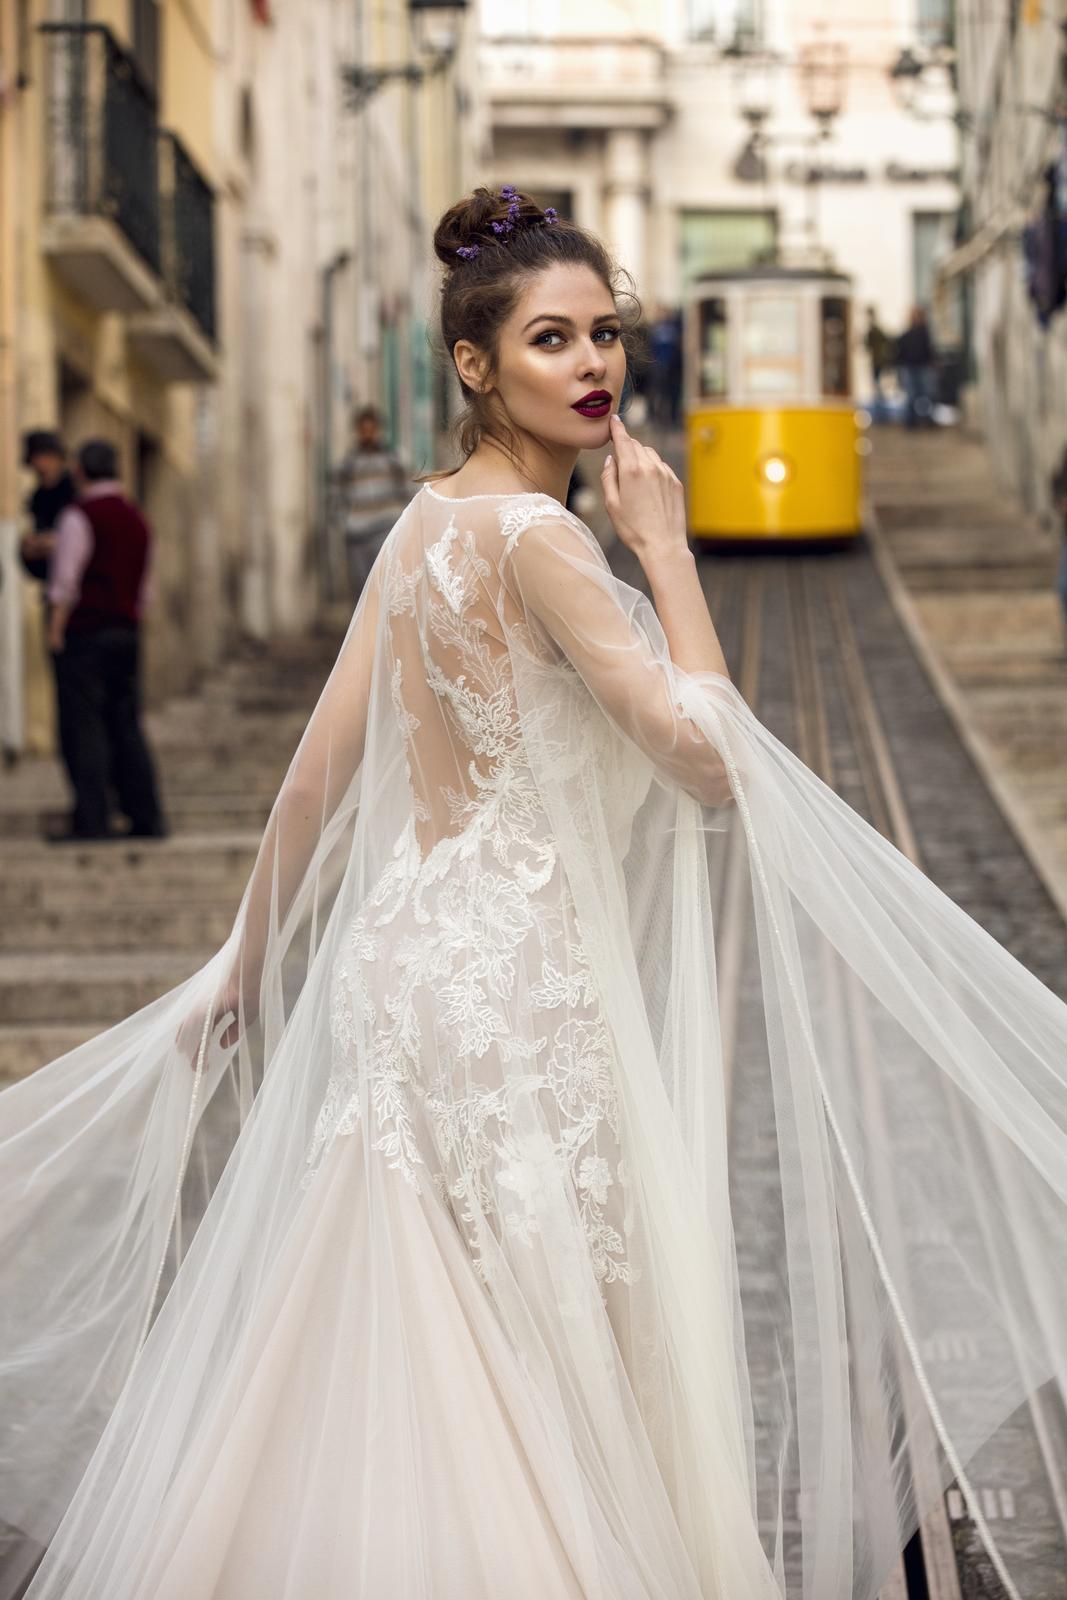 Svadobné šaty Innocentia inšpirované Lisabonom - Obrázok č. 1